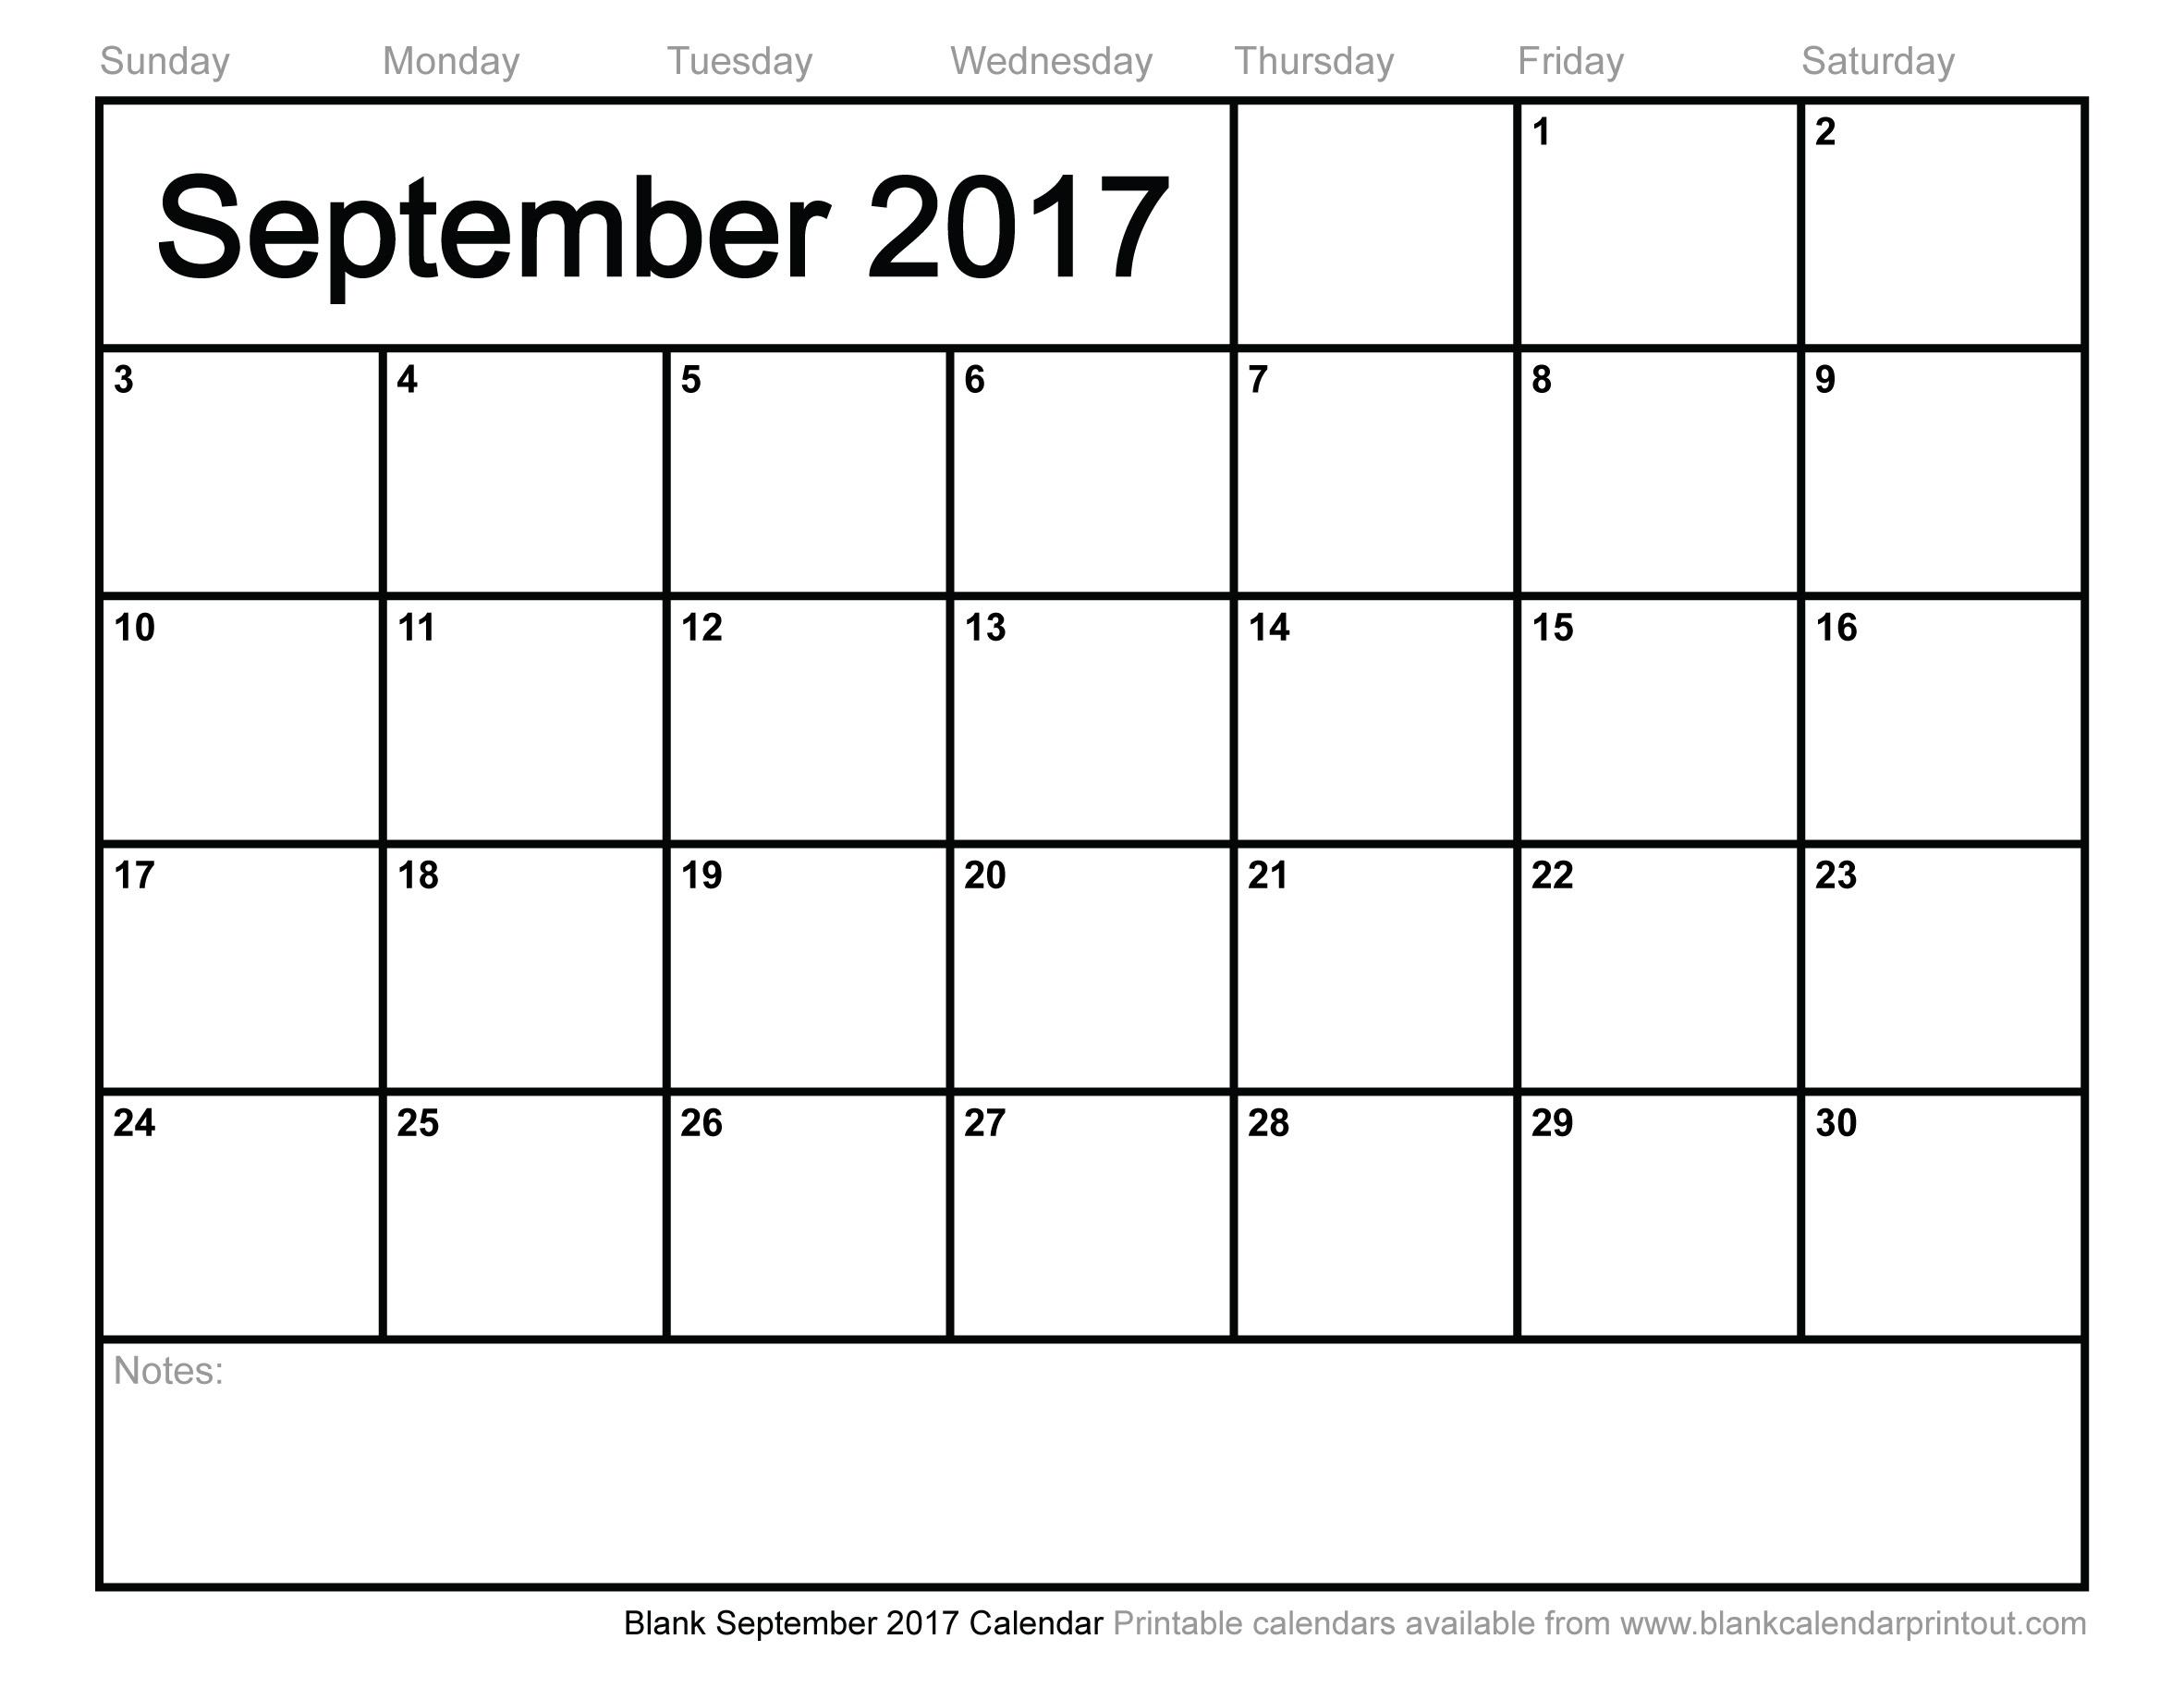 Blank September 2017 Calendar To Print  Calendar For Month Of September